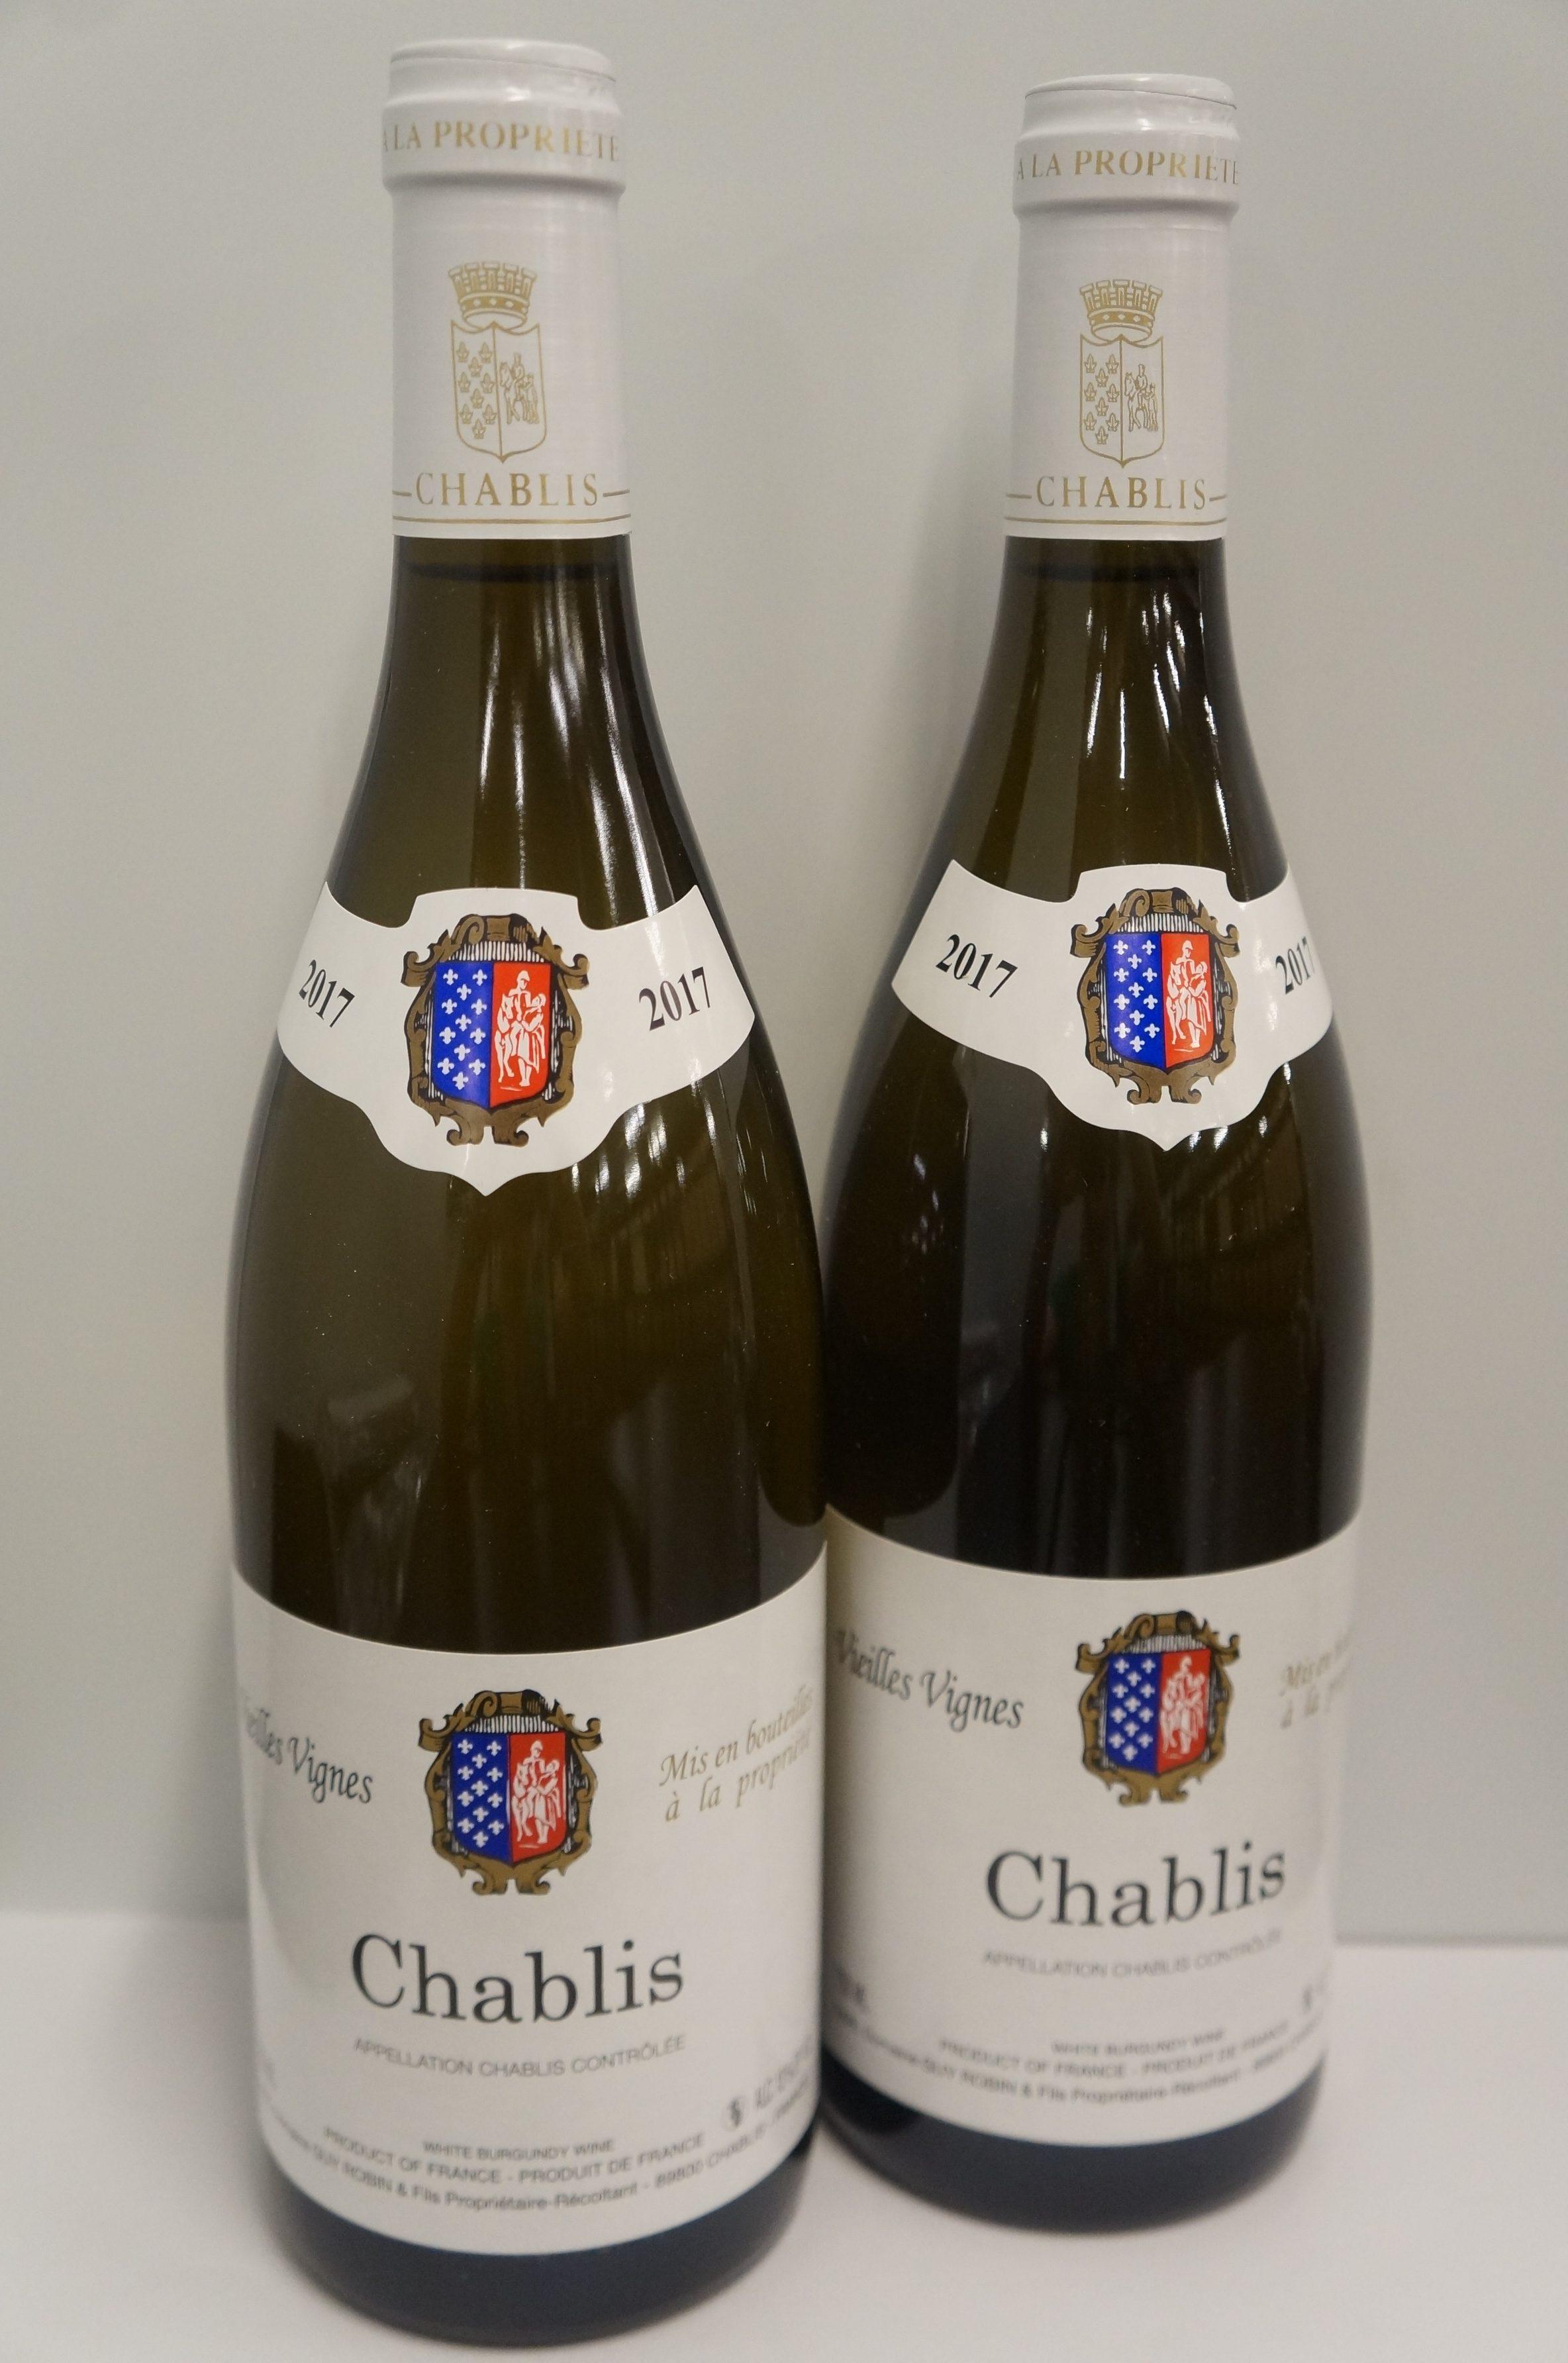 Domaine Guy Robin Chablis Vieilles Vignes 2017